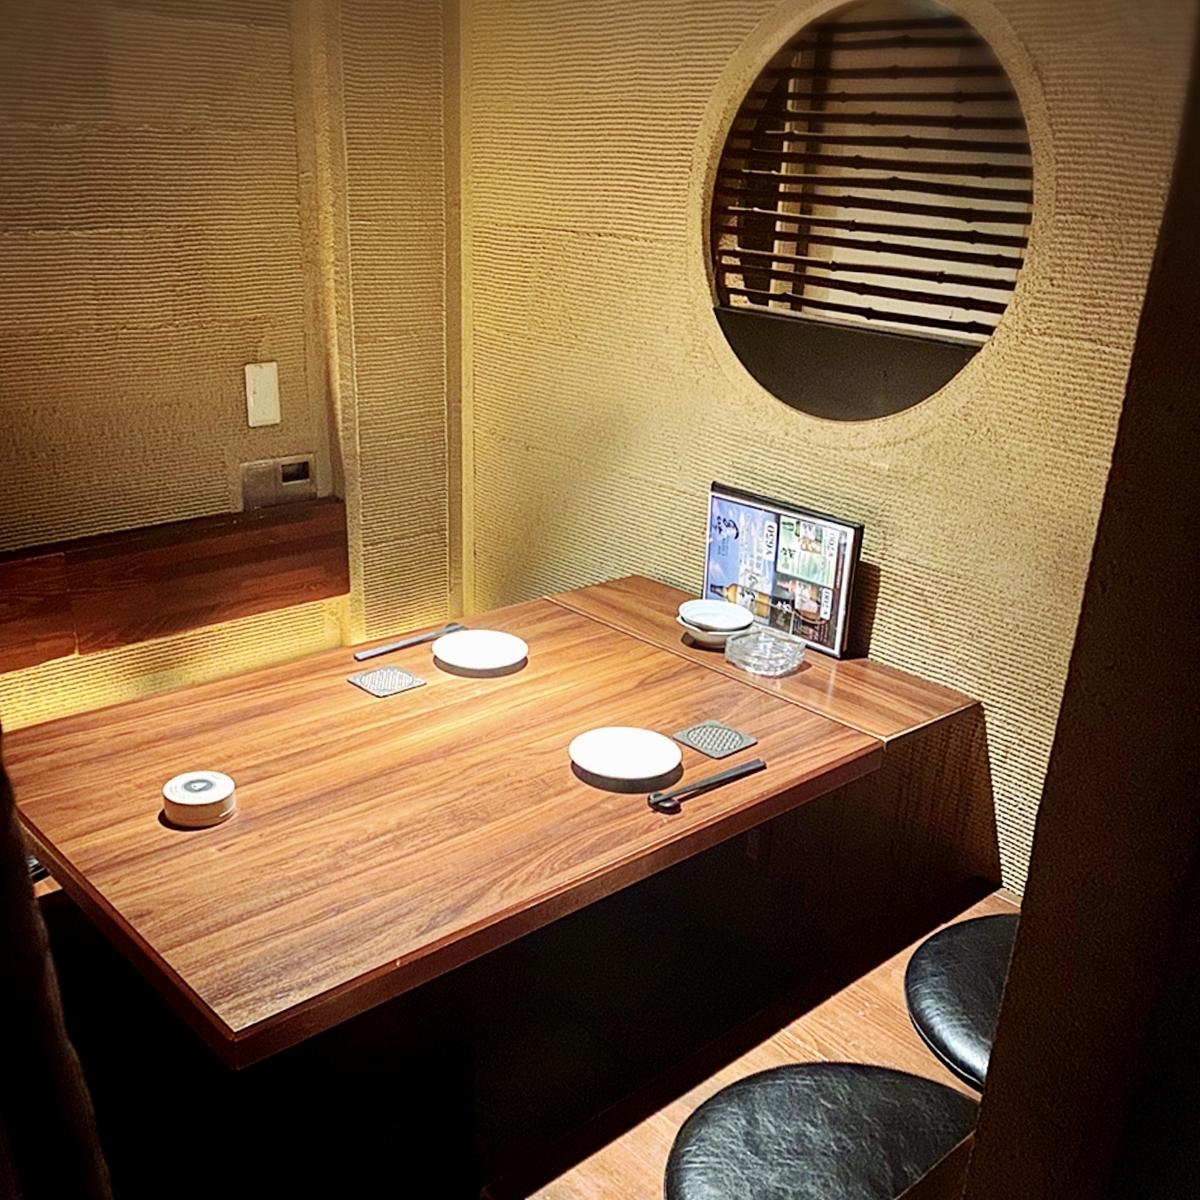 「もつ鍋 龍」はデートから小宴会におすすめできるもつ鍋居酒屋でした